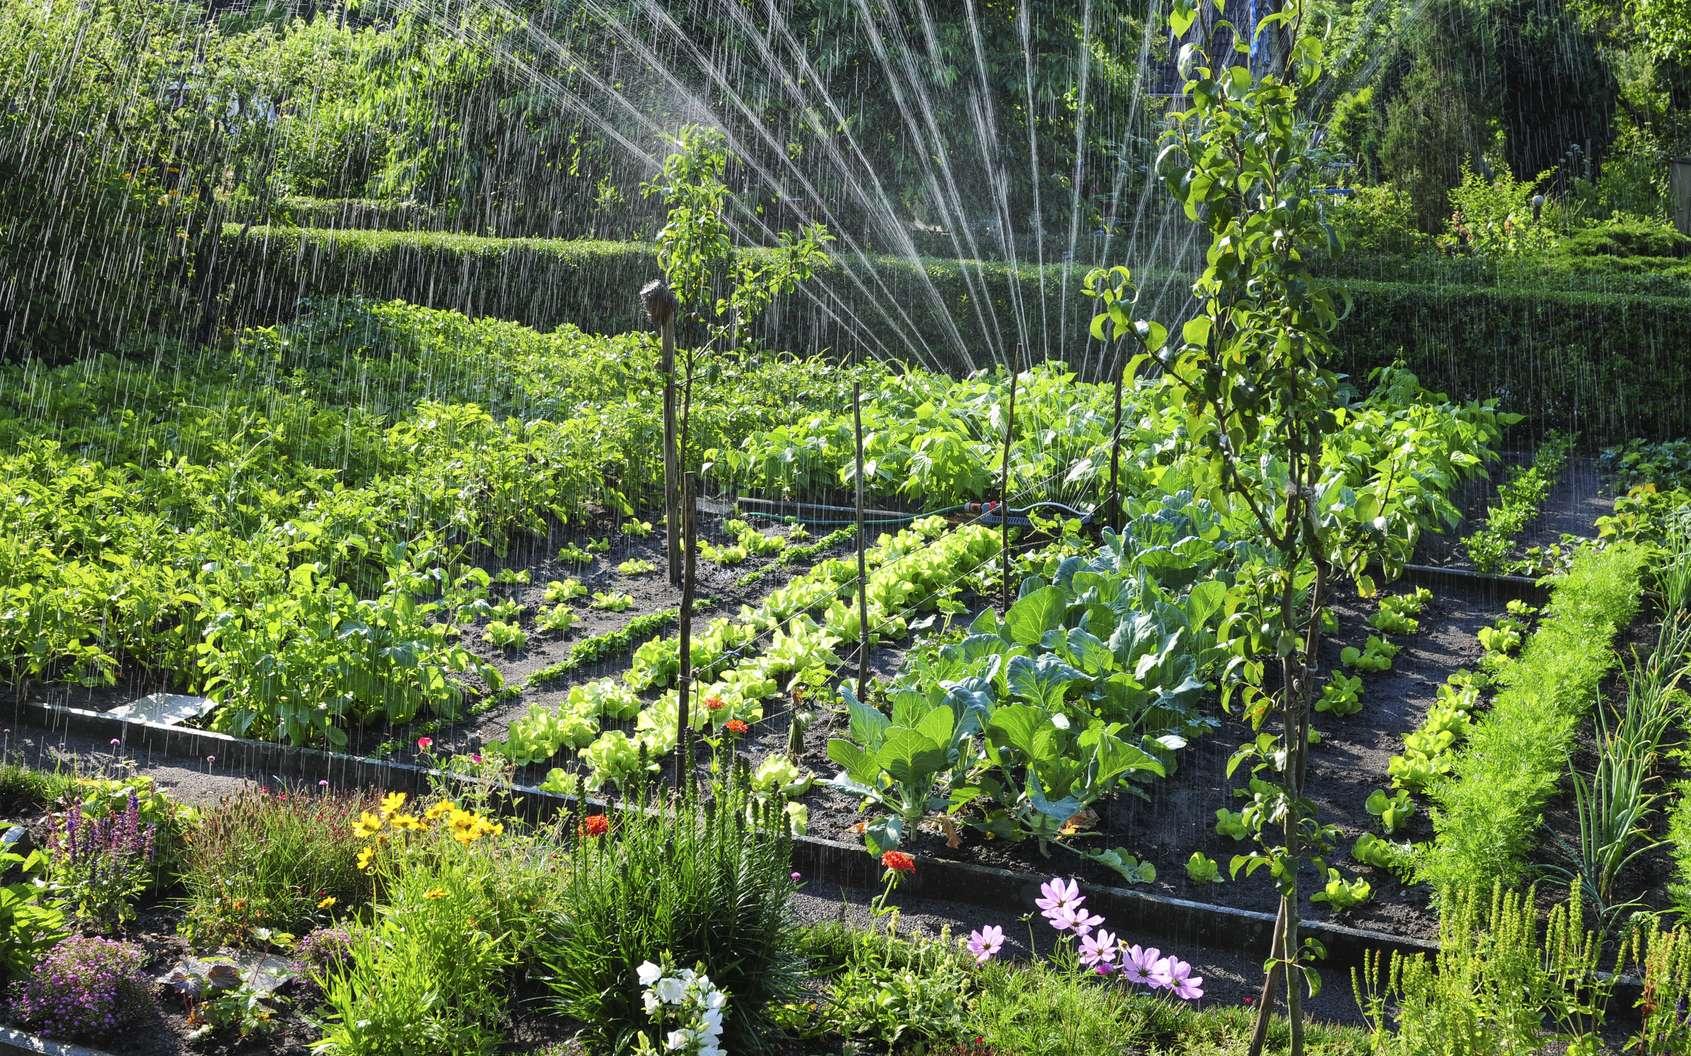 Un beau potager démarre en mai avec des semis de légumes réussis. © schulzie, Adobe Stock